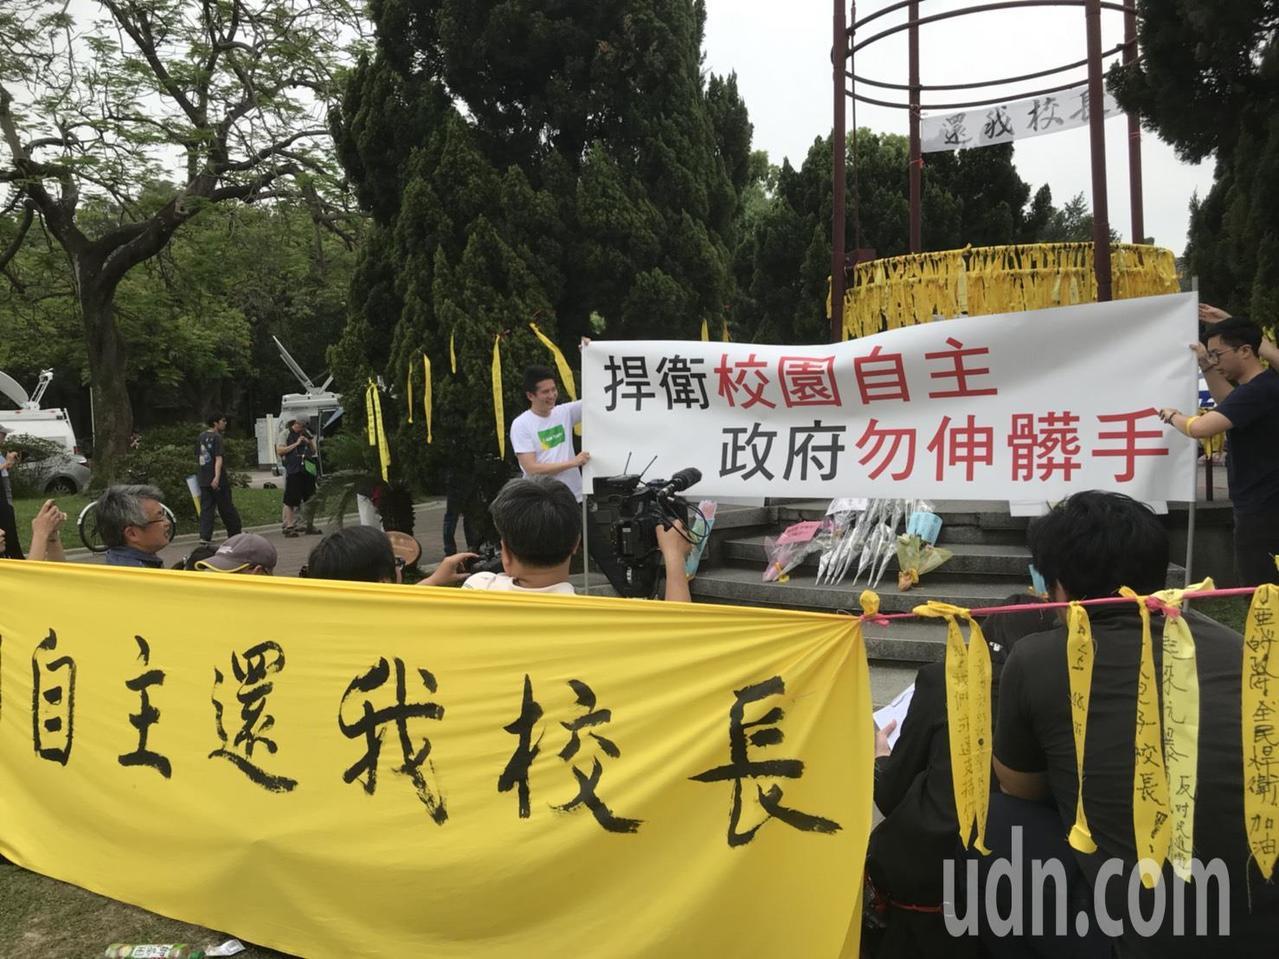 「黃絲帶」運動發起人台大中文系二年級學生蕭姓學生說,「黃絲帶」沒有任何政治瓜葛。...